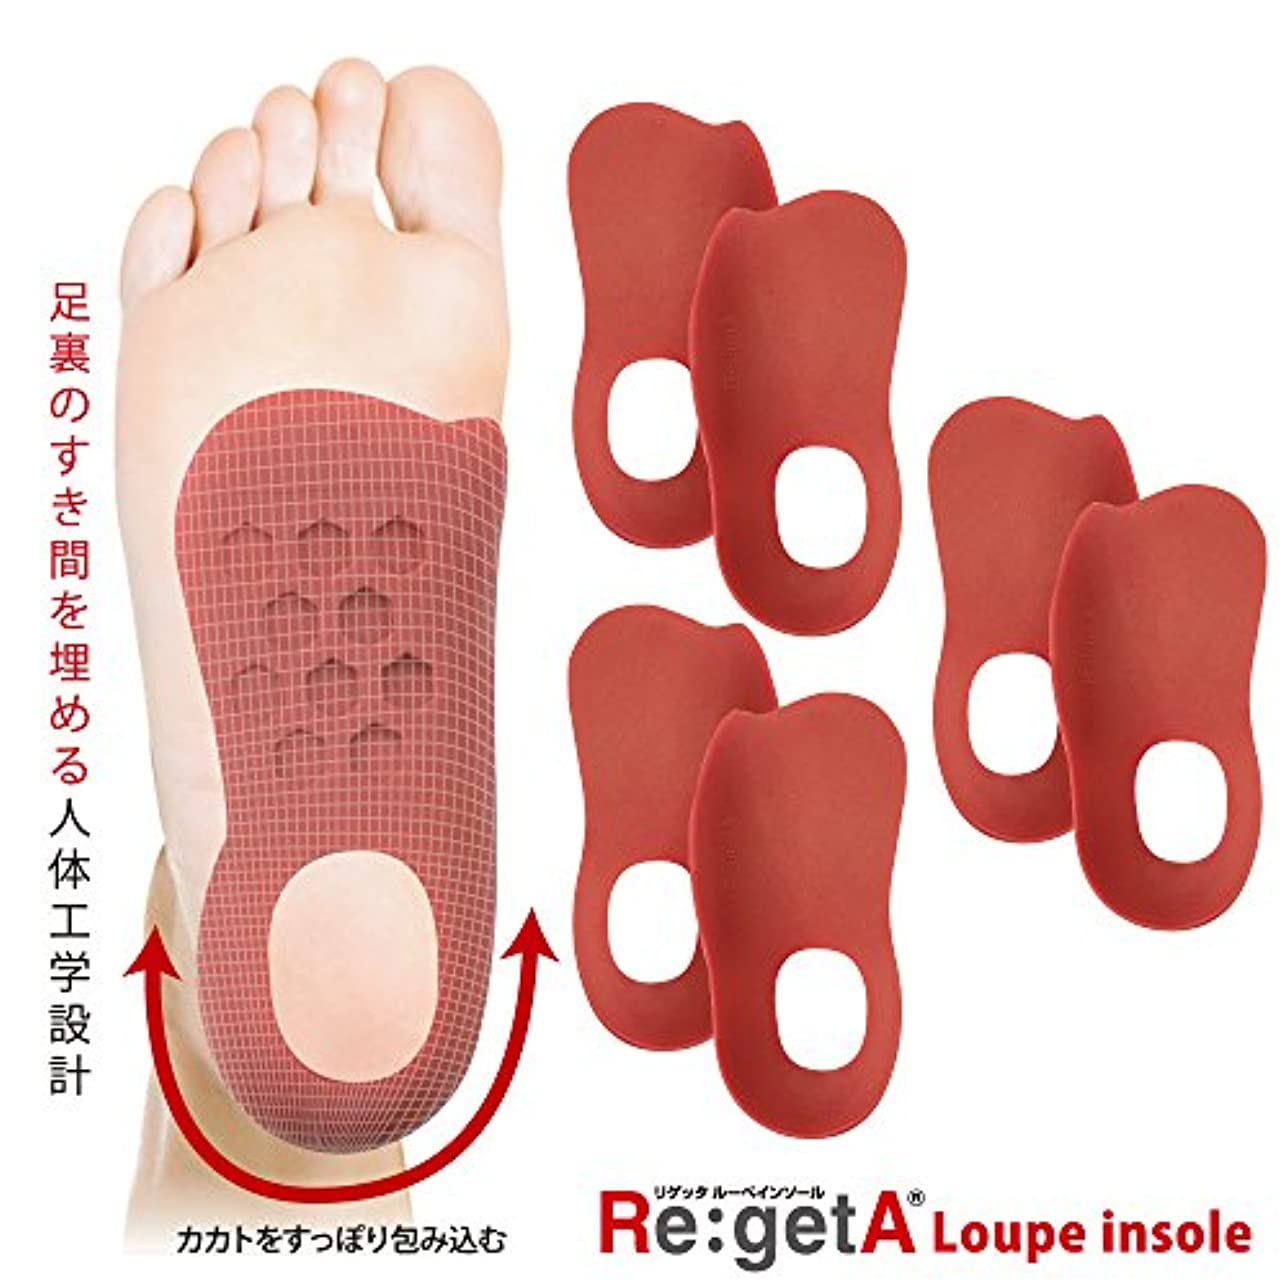 に負けるどのくらいの頻度で耐えられるリゲッタ(Re:getA) ルーペインソール ロッソ 3足組 レディスサイズ 21.5-25.0cm対応